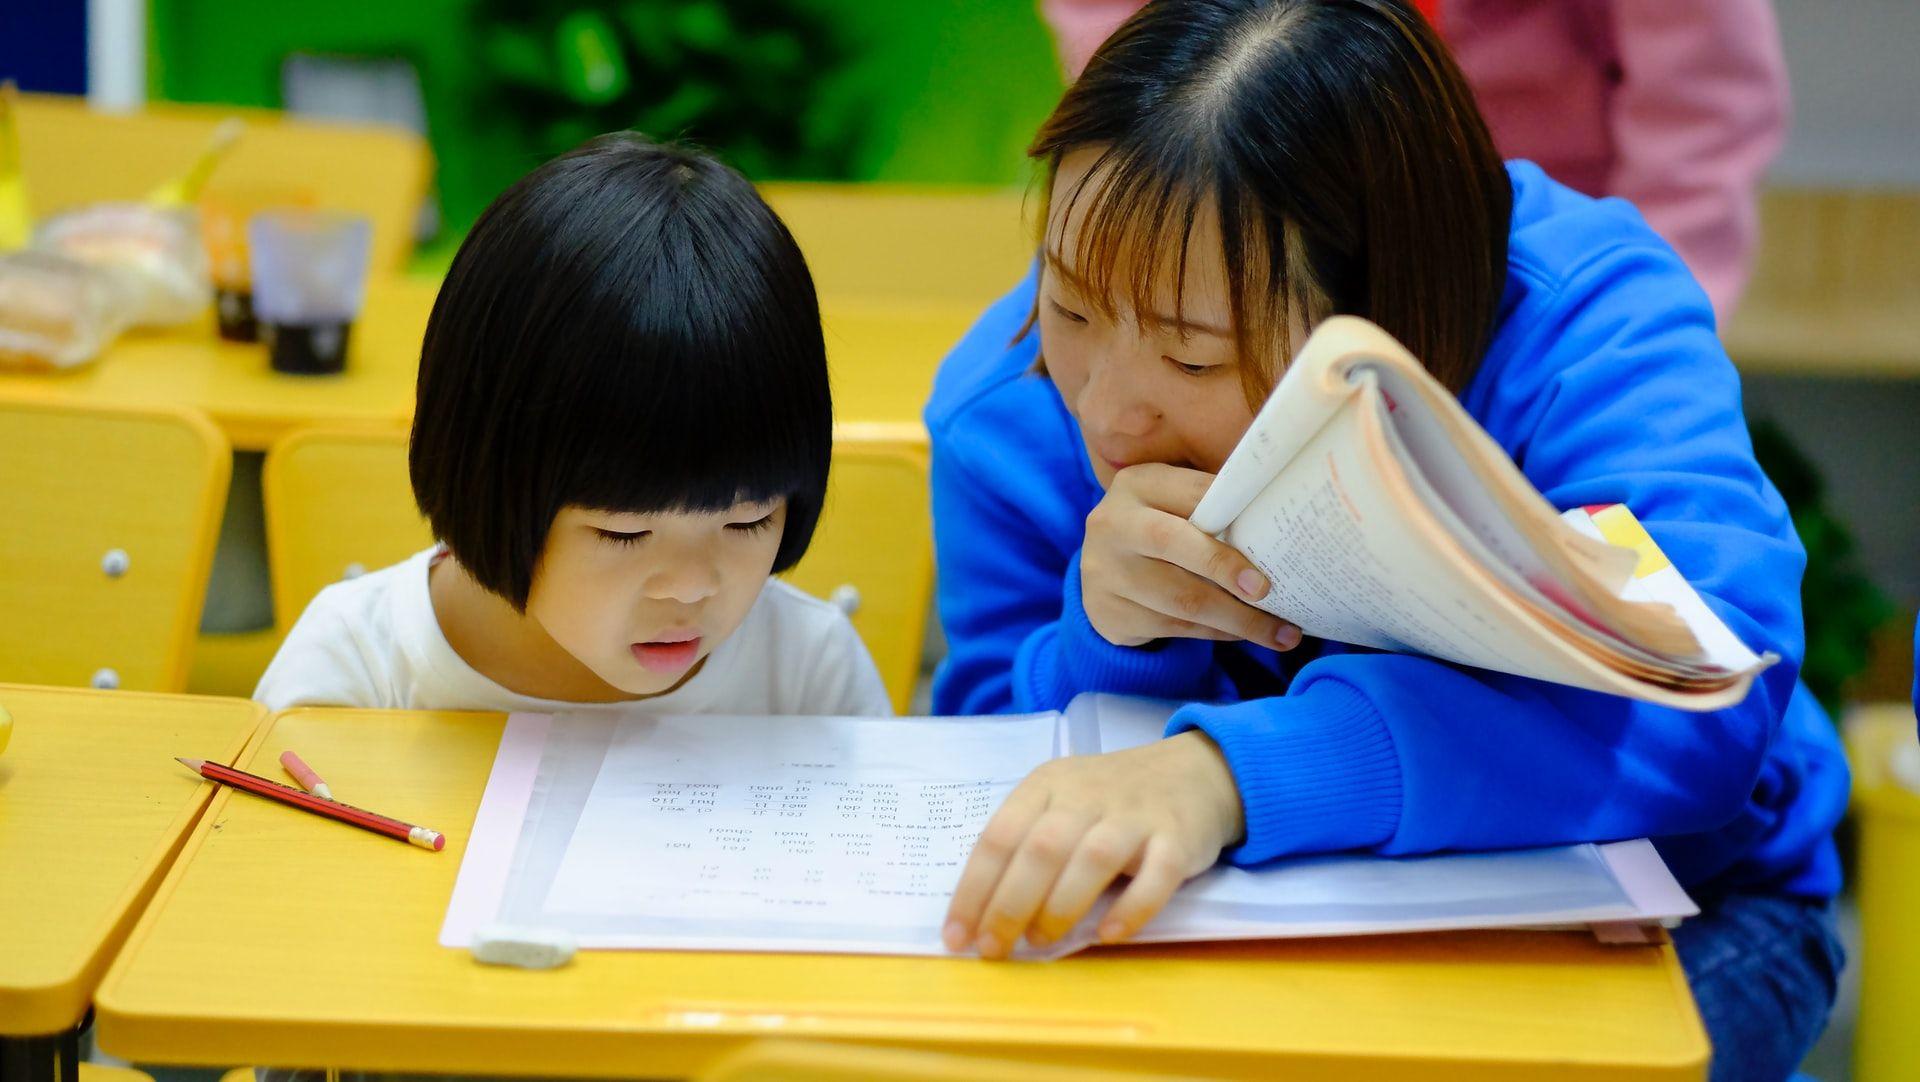 Teacher explicit grammar instruction to child